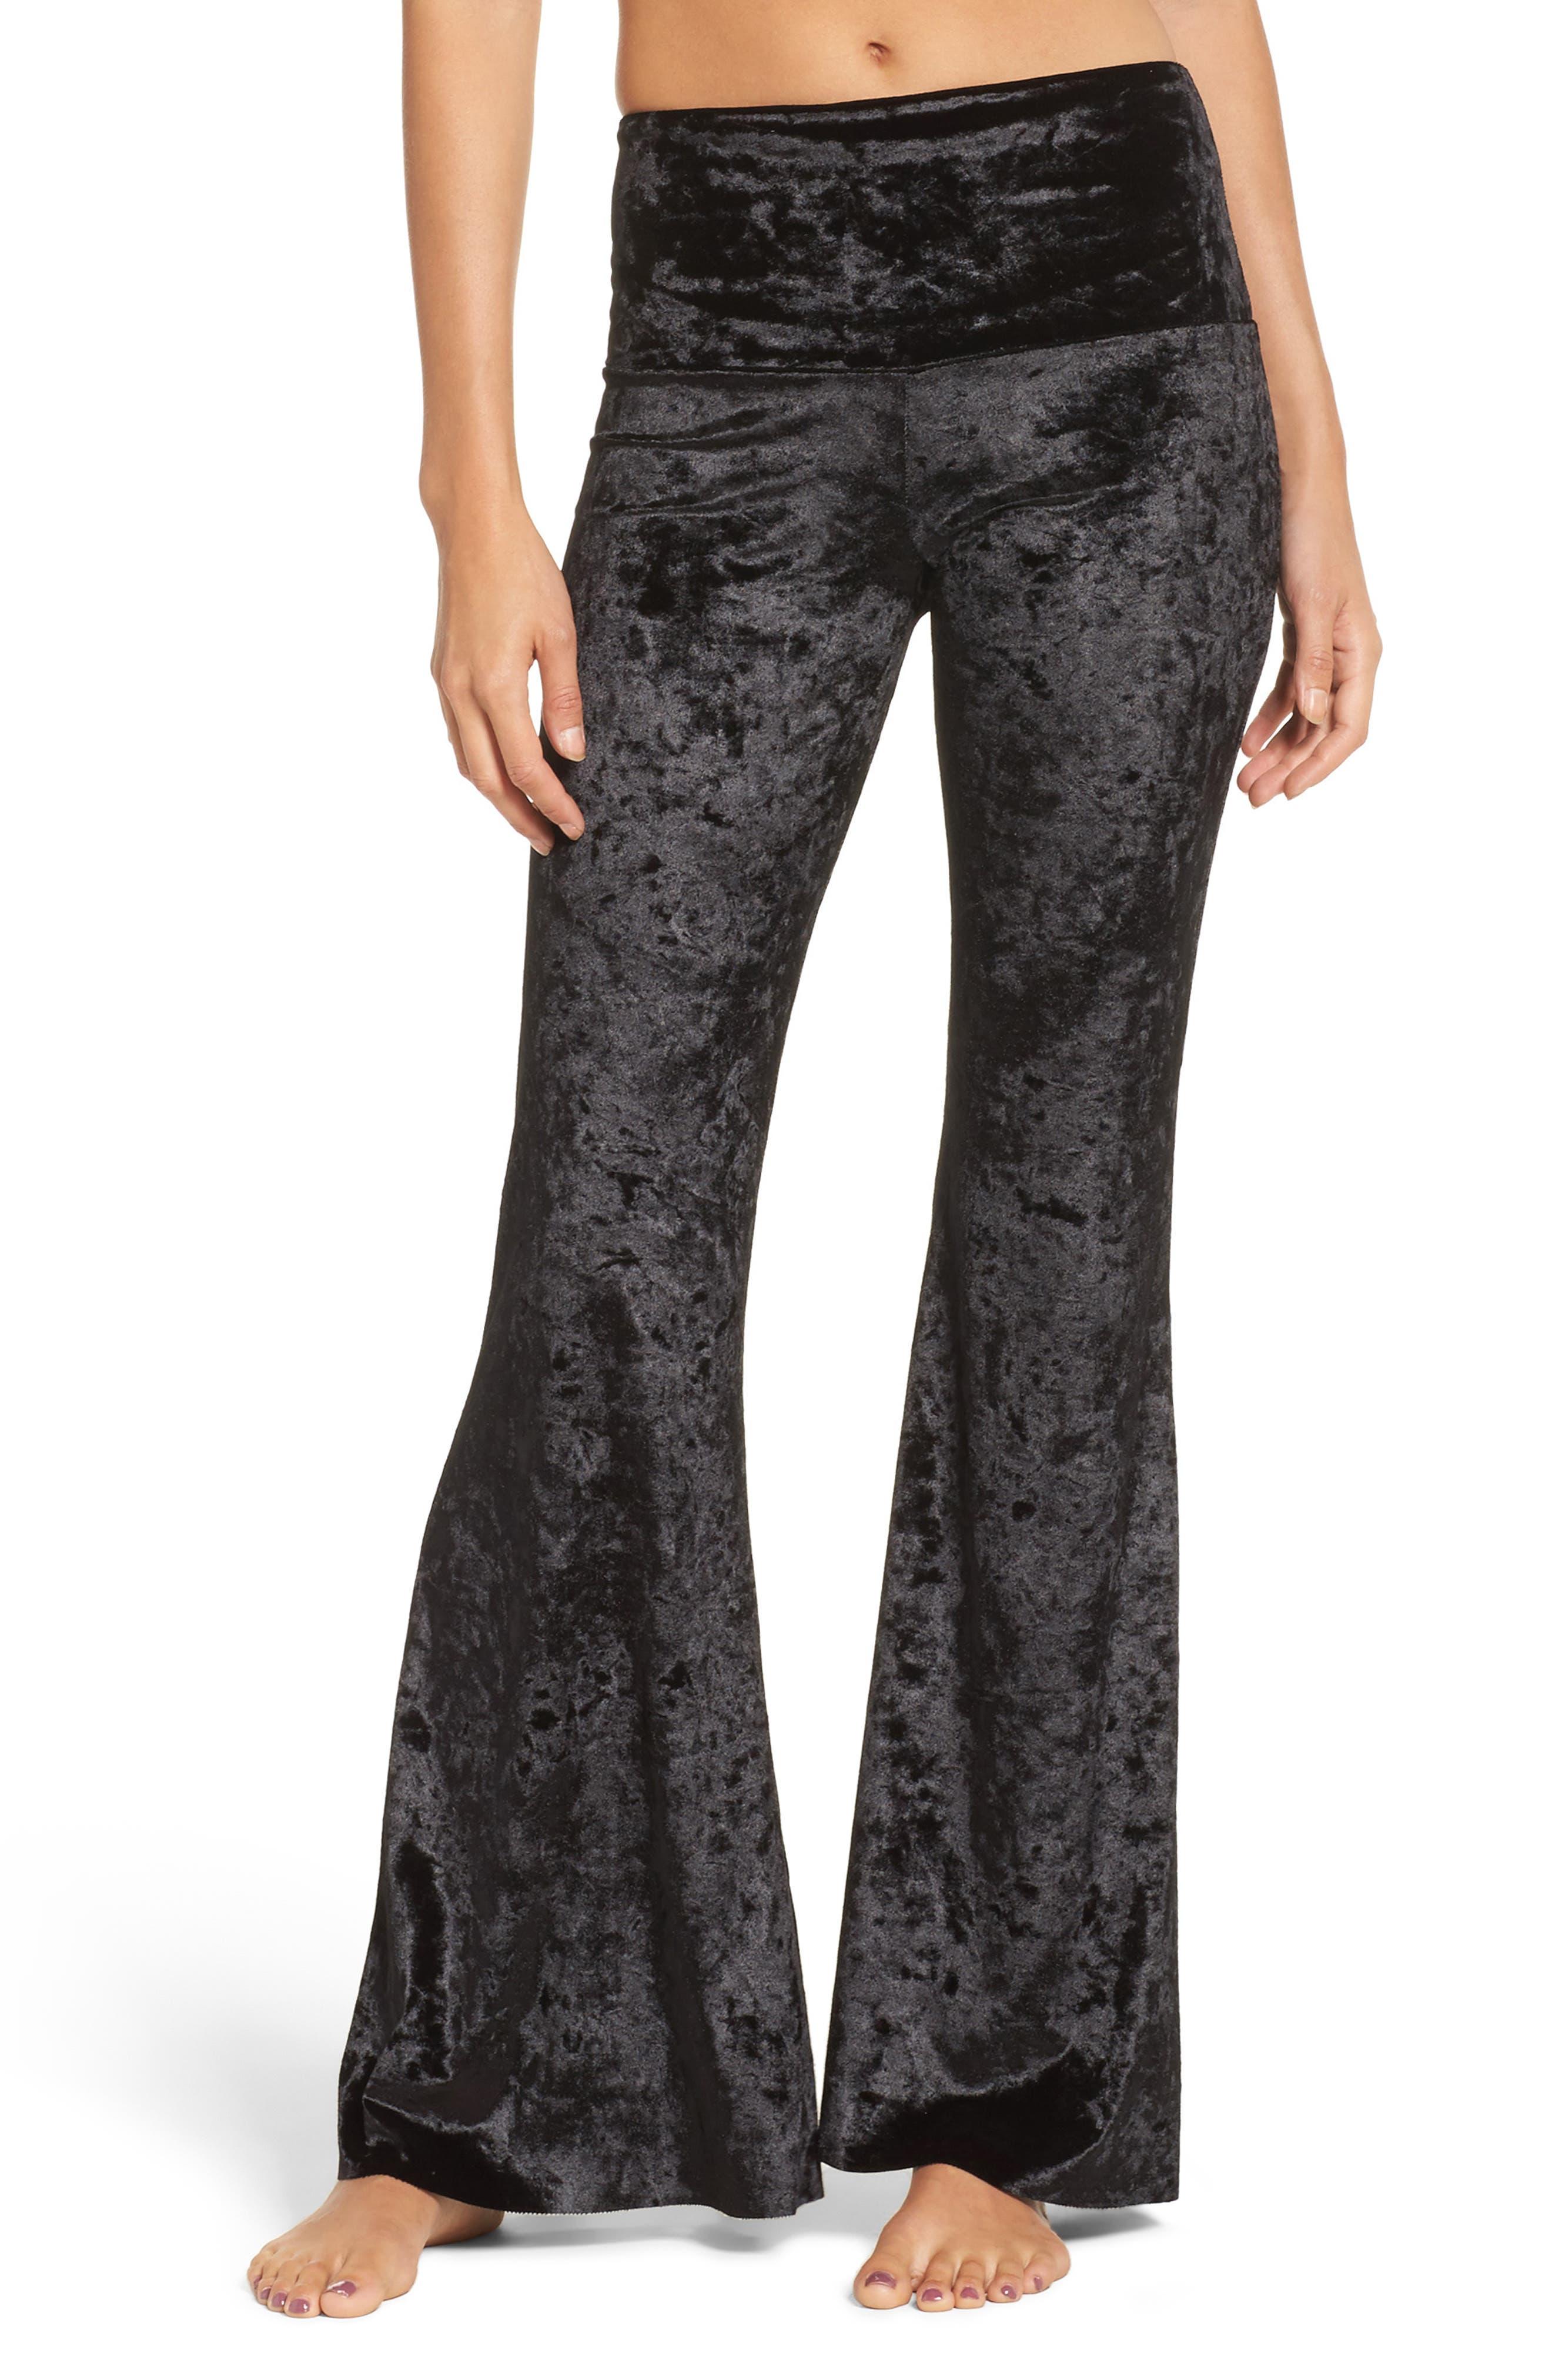 Flare Leg Yoga Pants,                         Main,                         color, 002